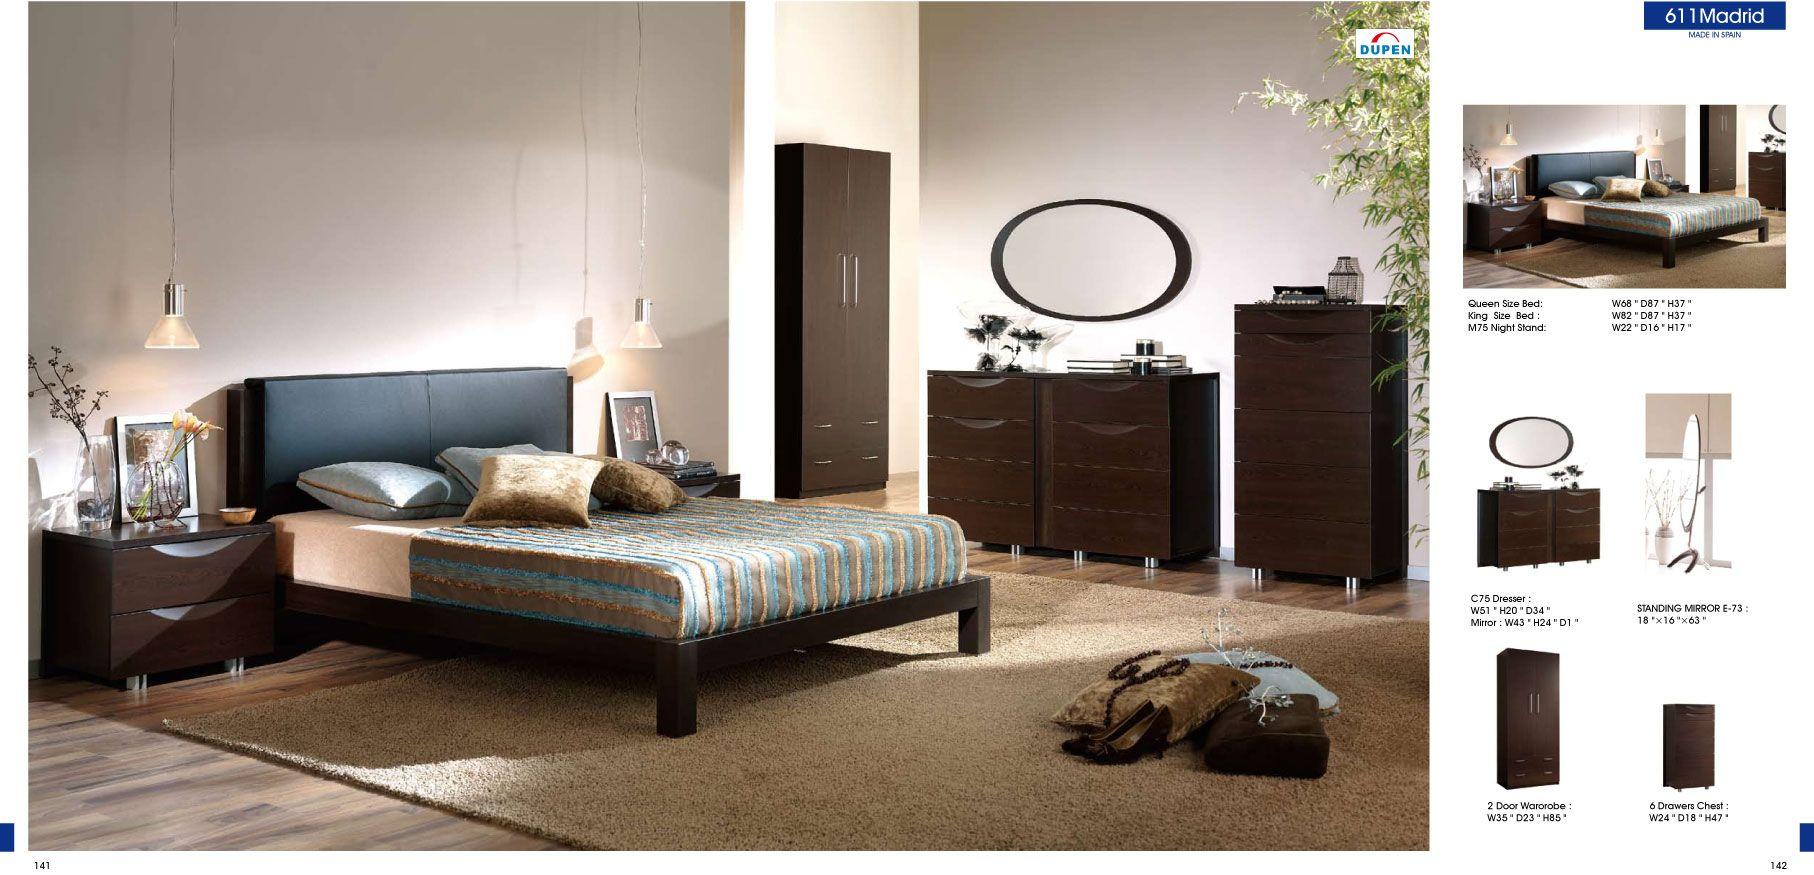 Bedroom-Furniture_Modern-Bedrooms_Madrid-M75-C75.jpg 1,814×875 ...